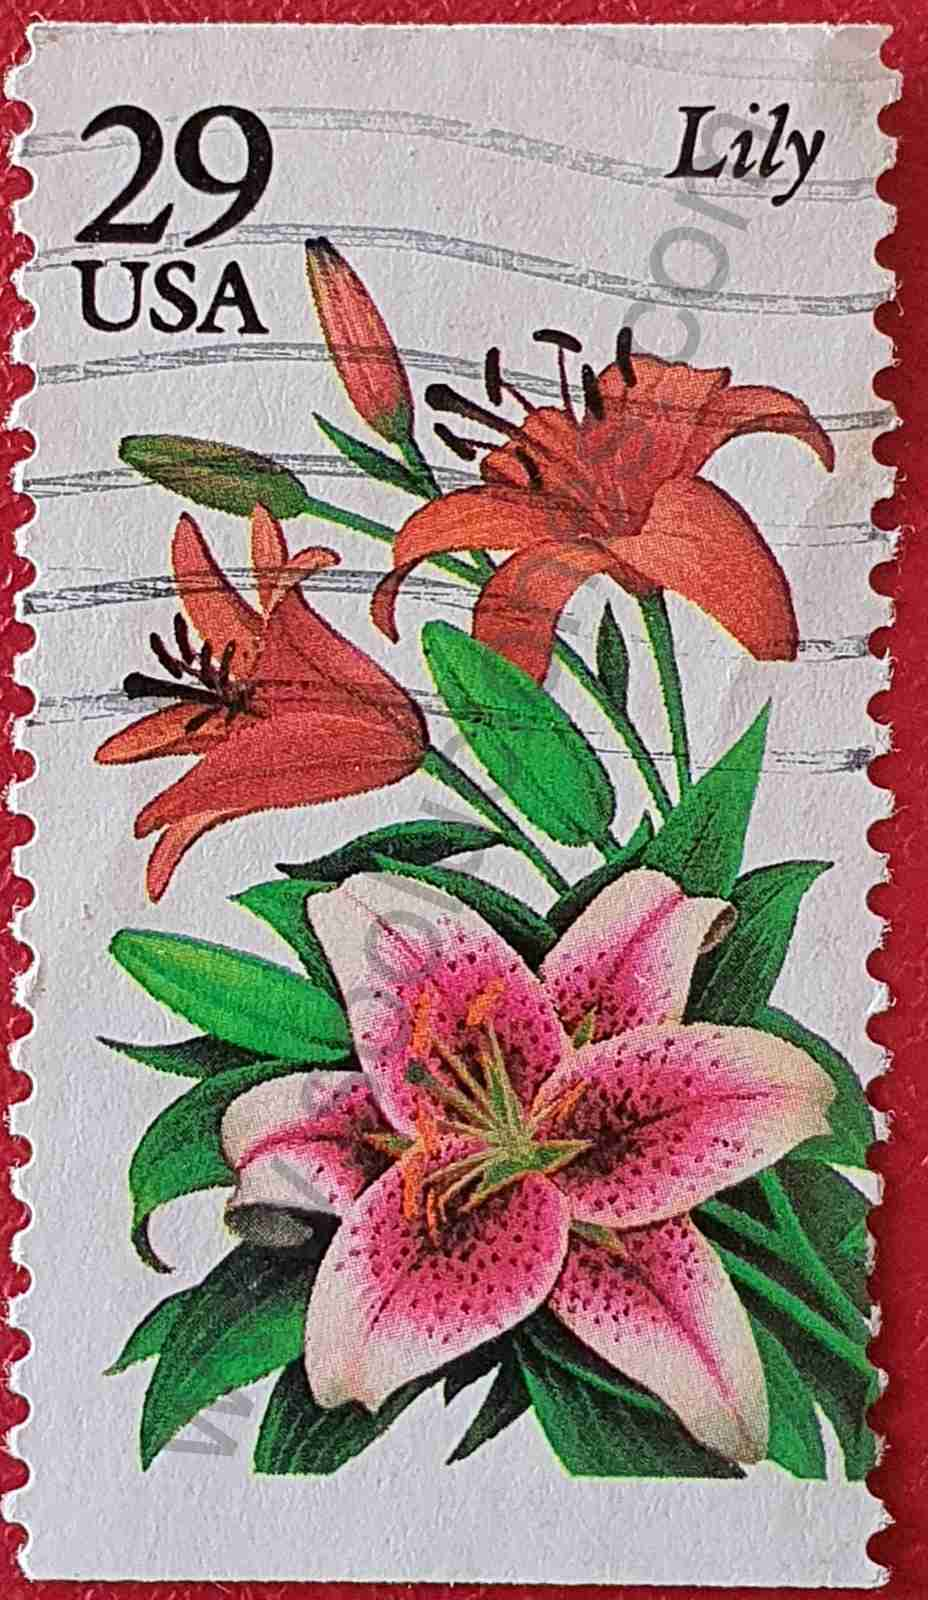 Flor Lila - Sello Estados Unidos 1994